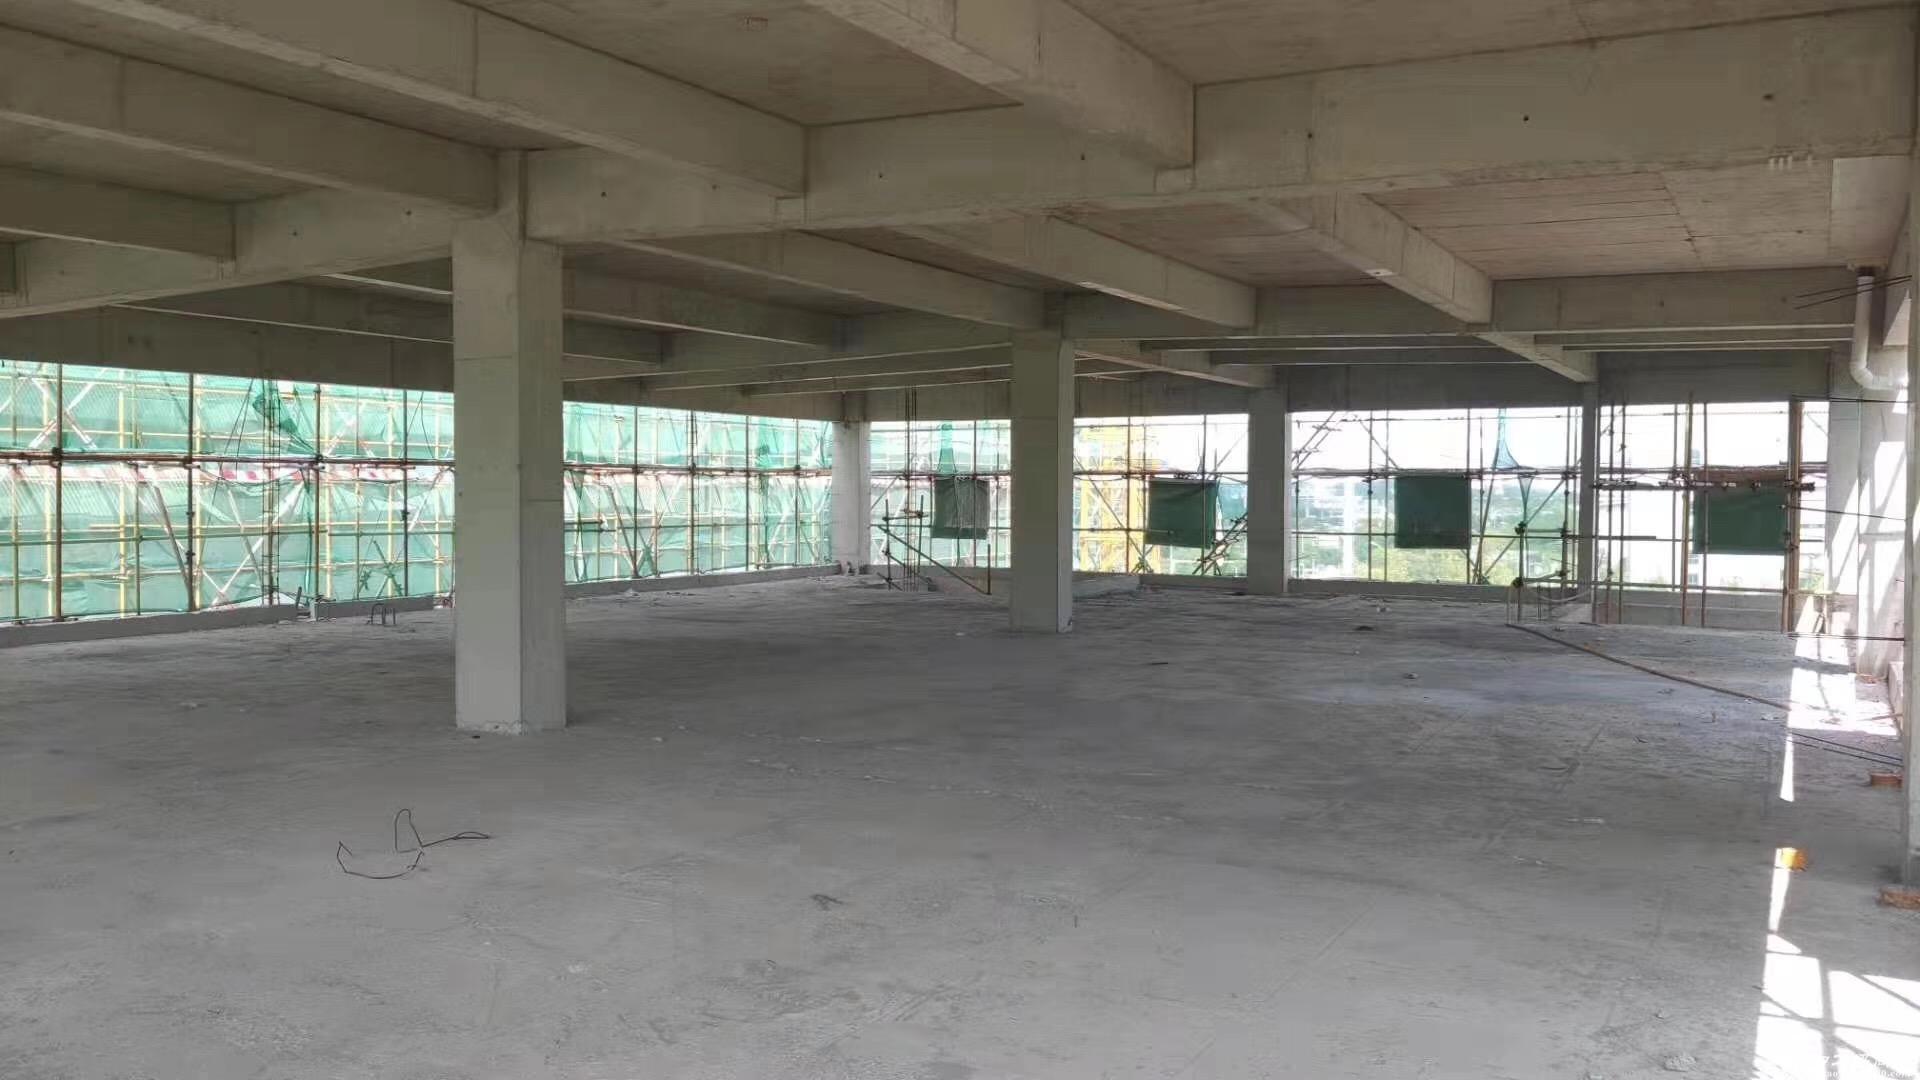 长沙高新区标准厂房 价格便宜 有车位配比